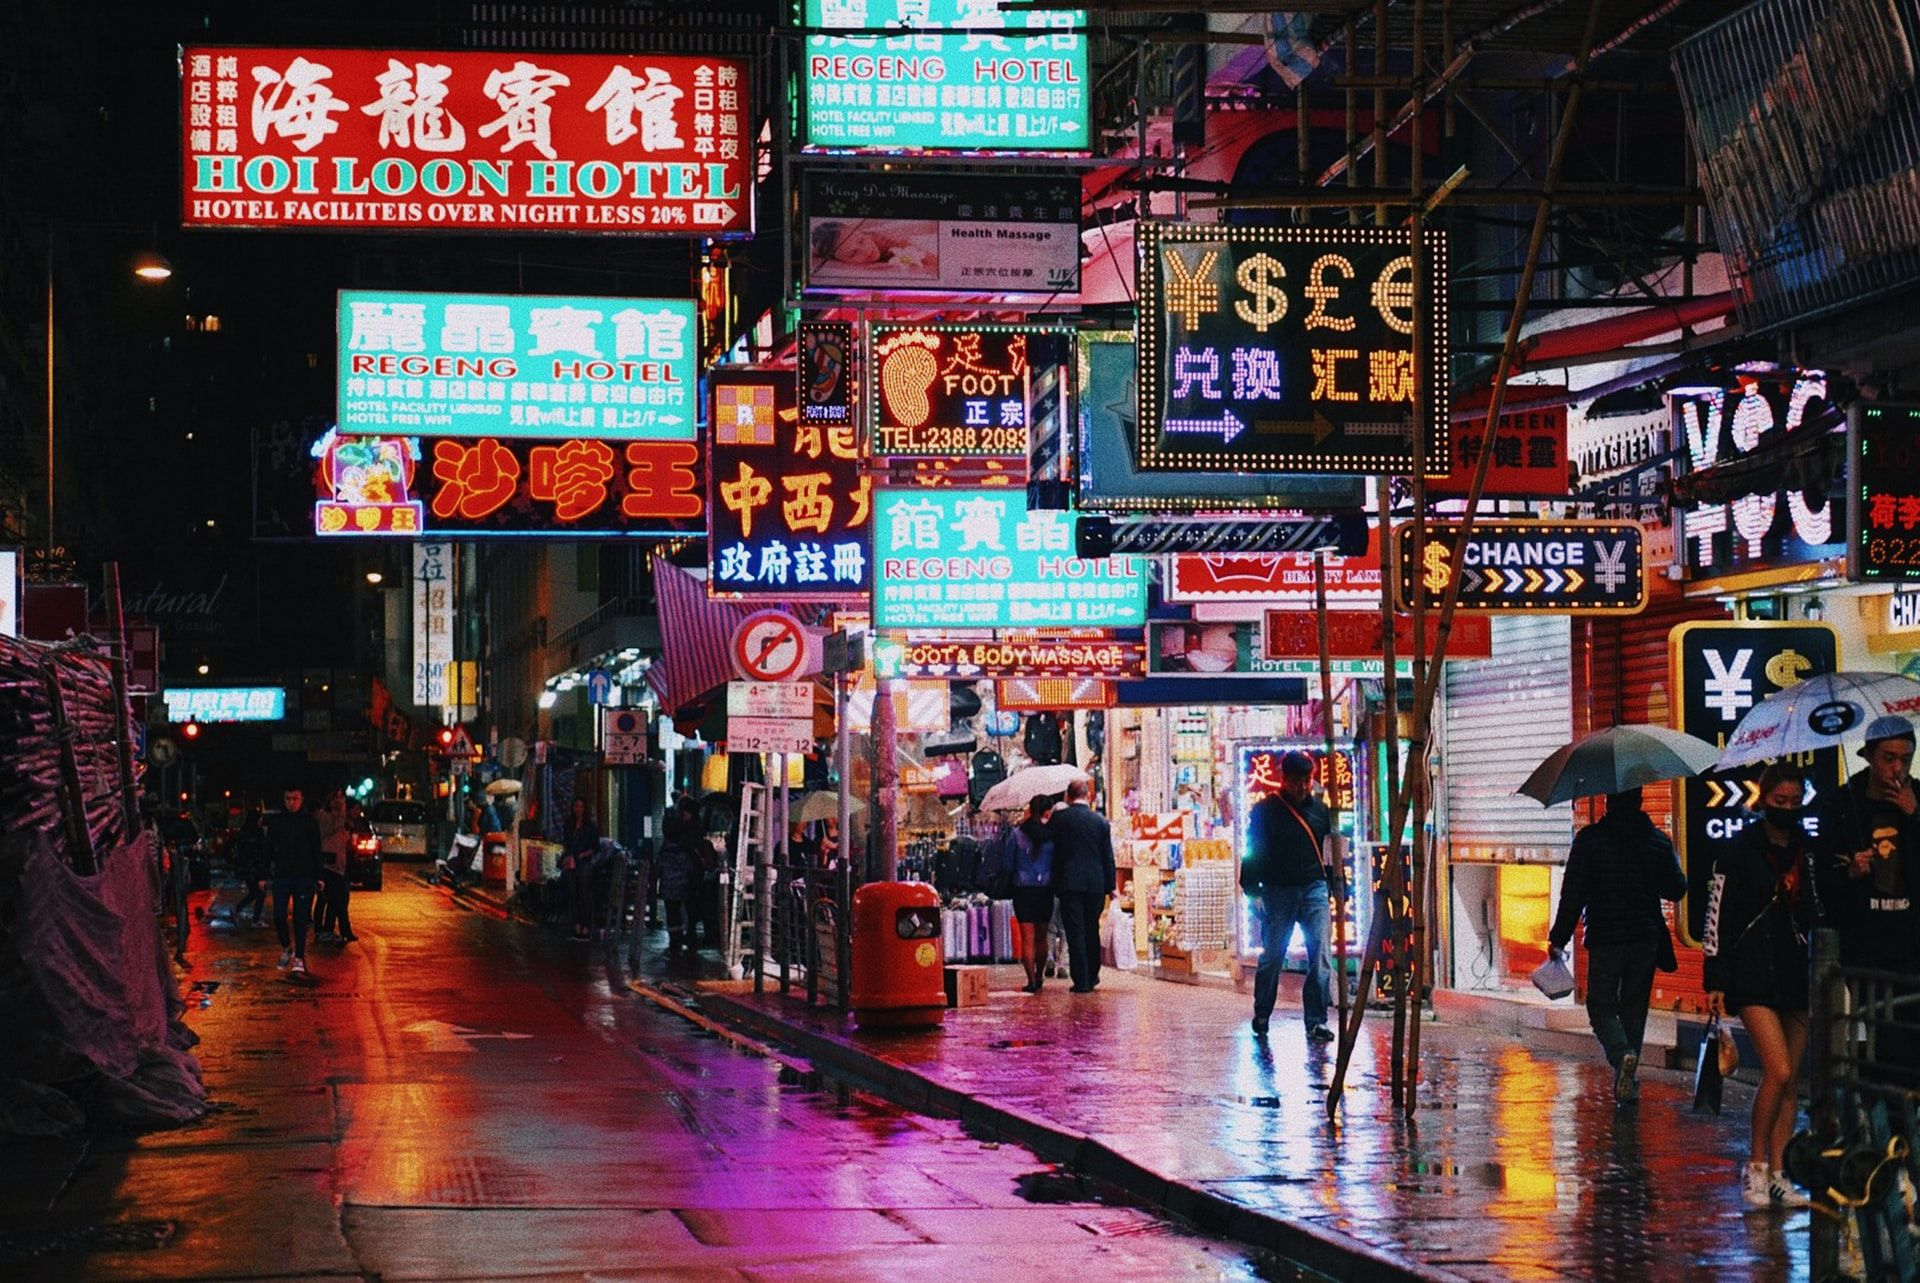 香港旺角夜晚霓紅燈